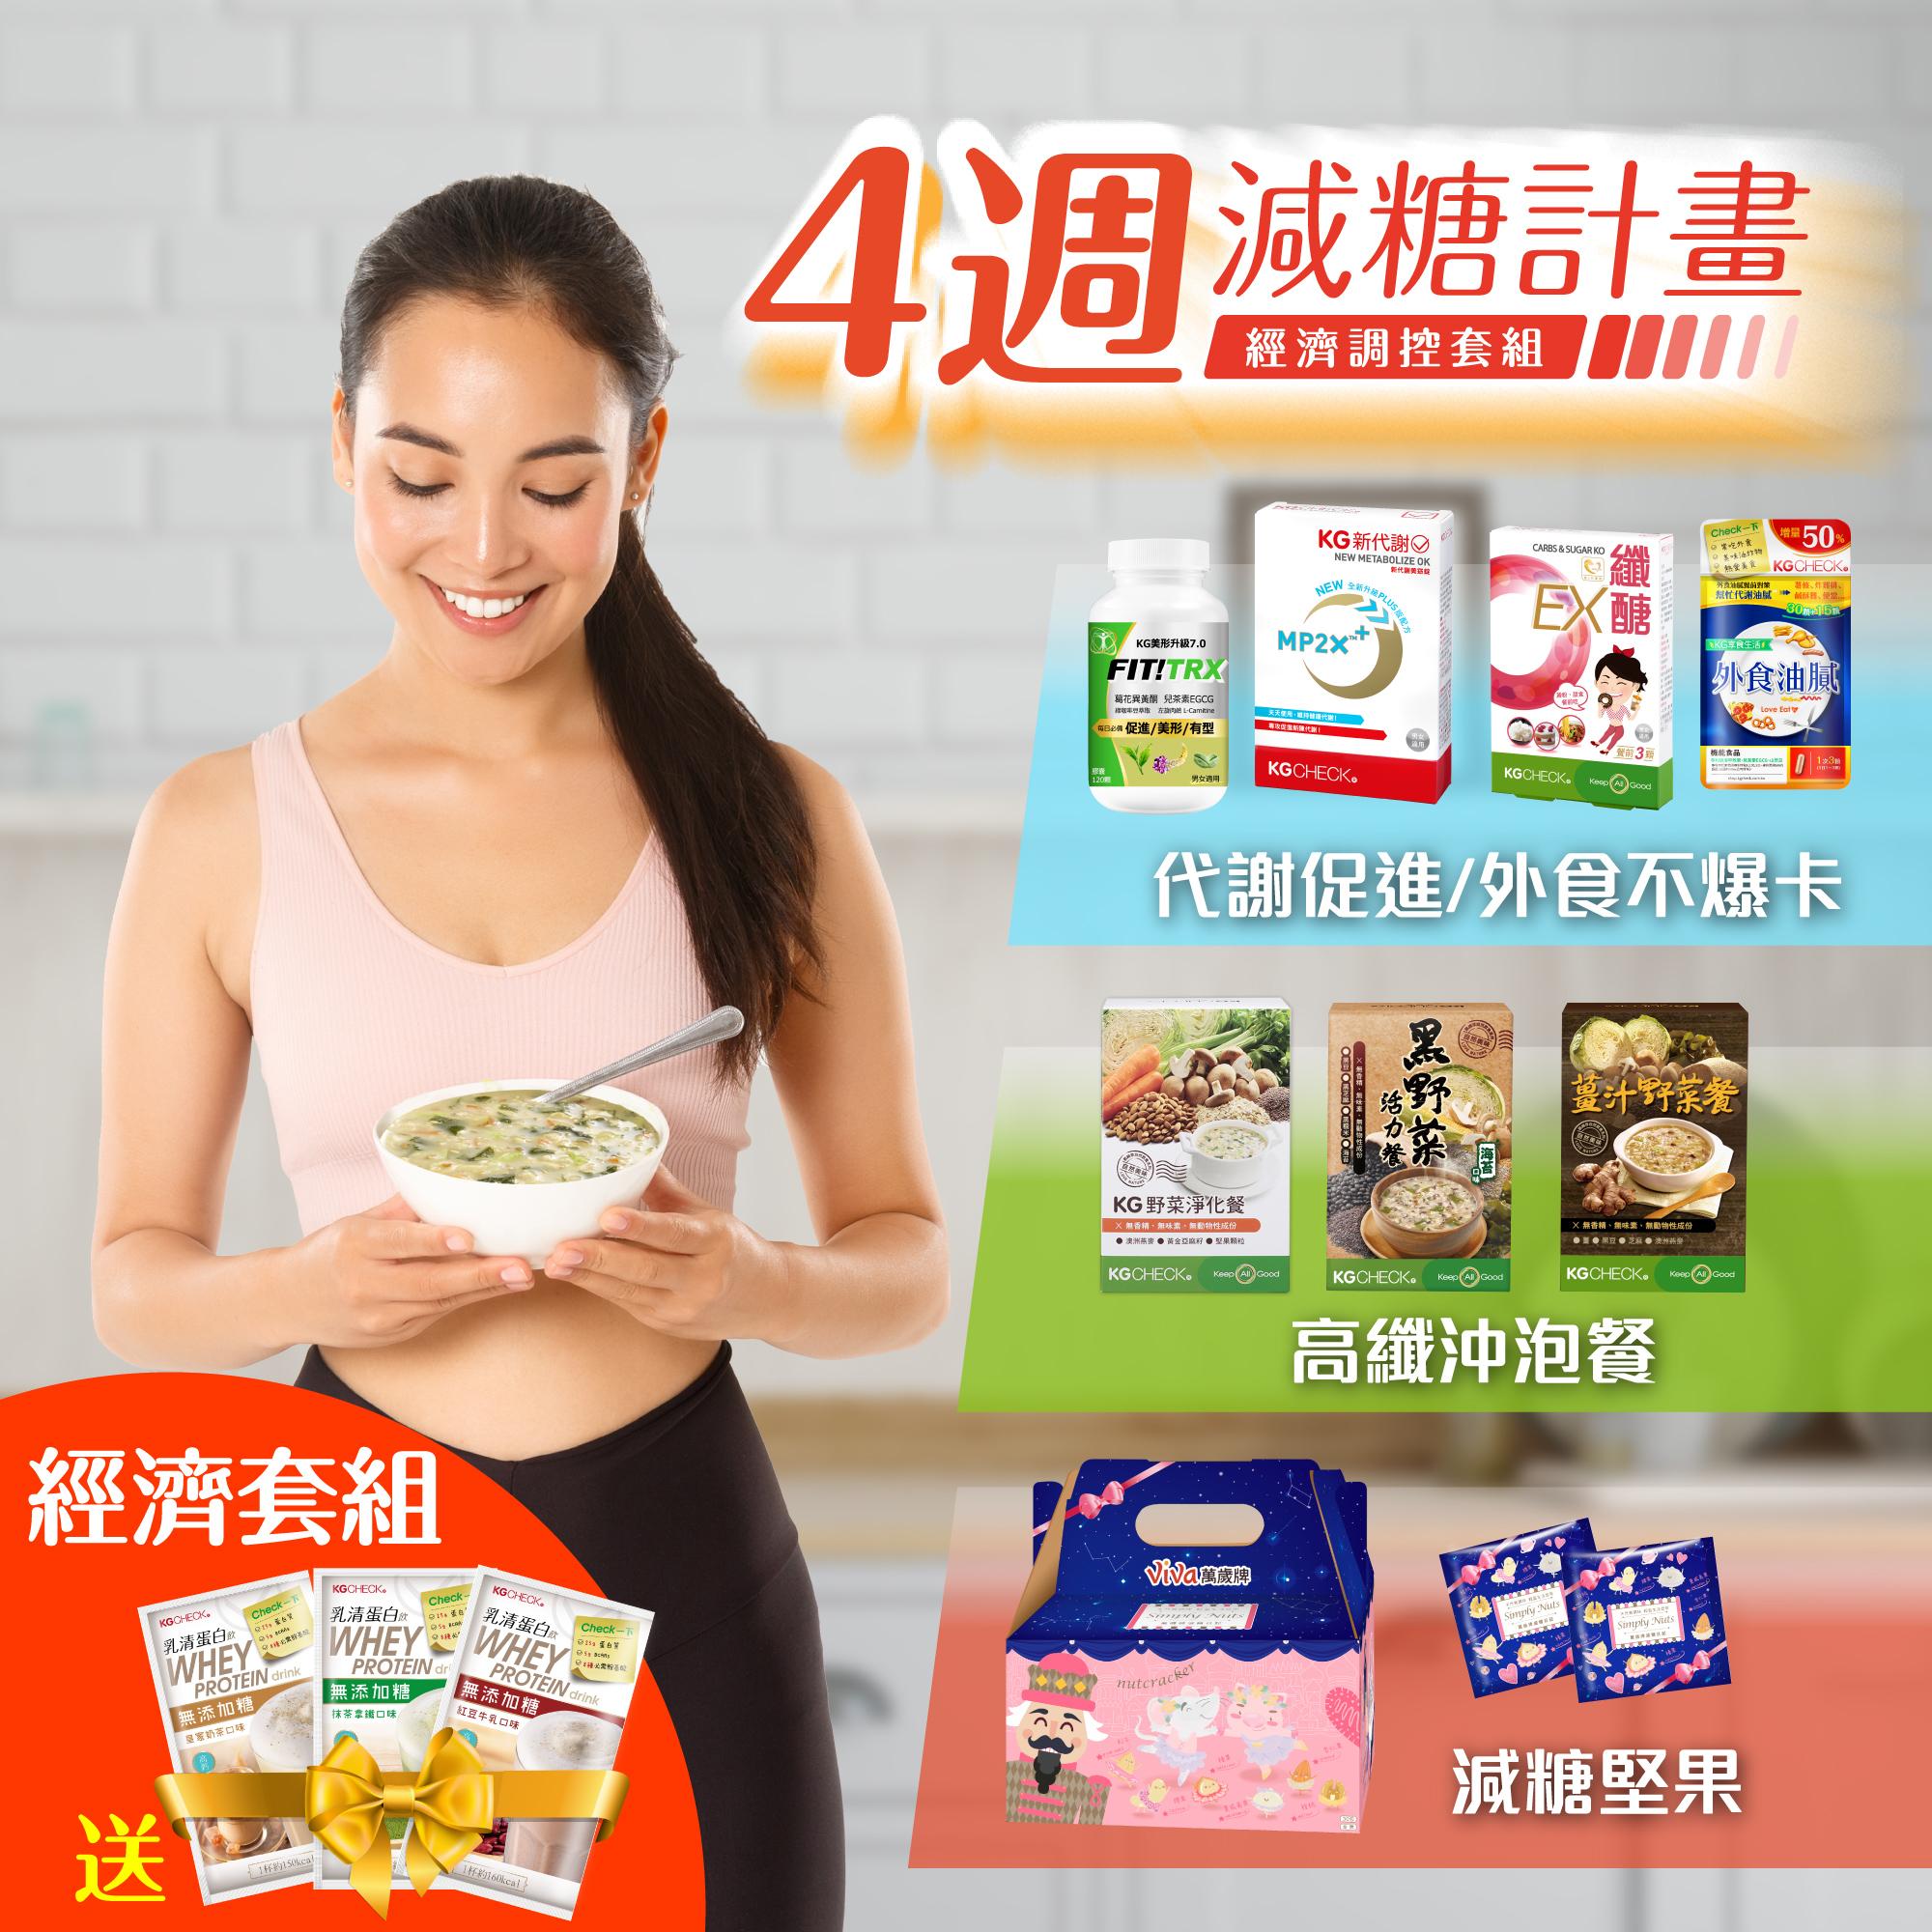 【經濟組】4週減糖計畫